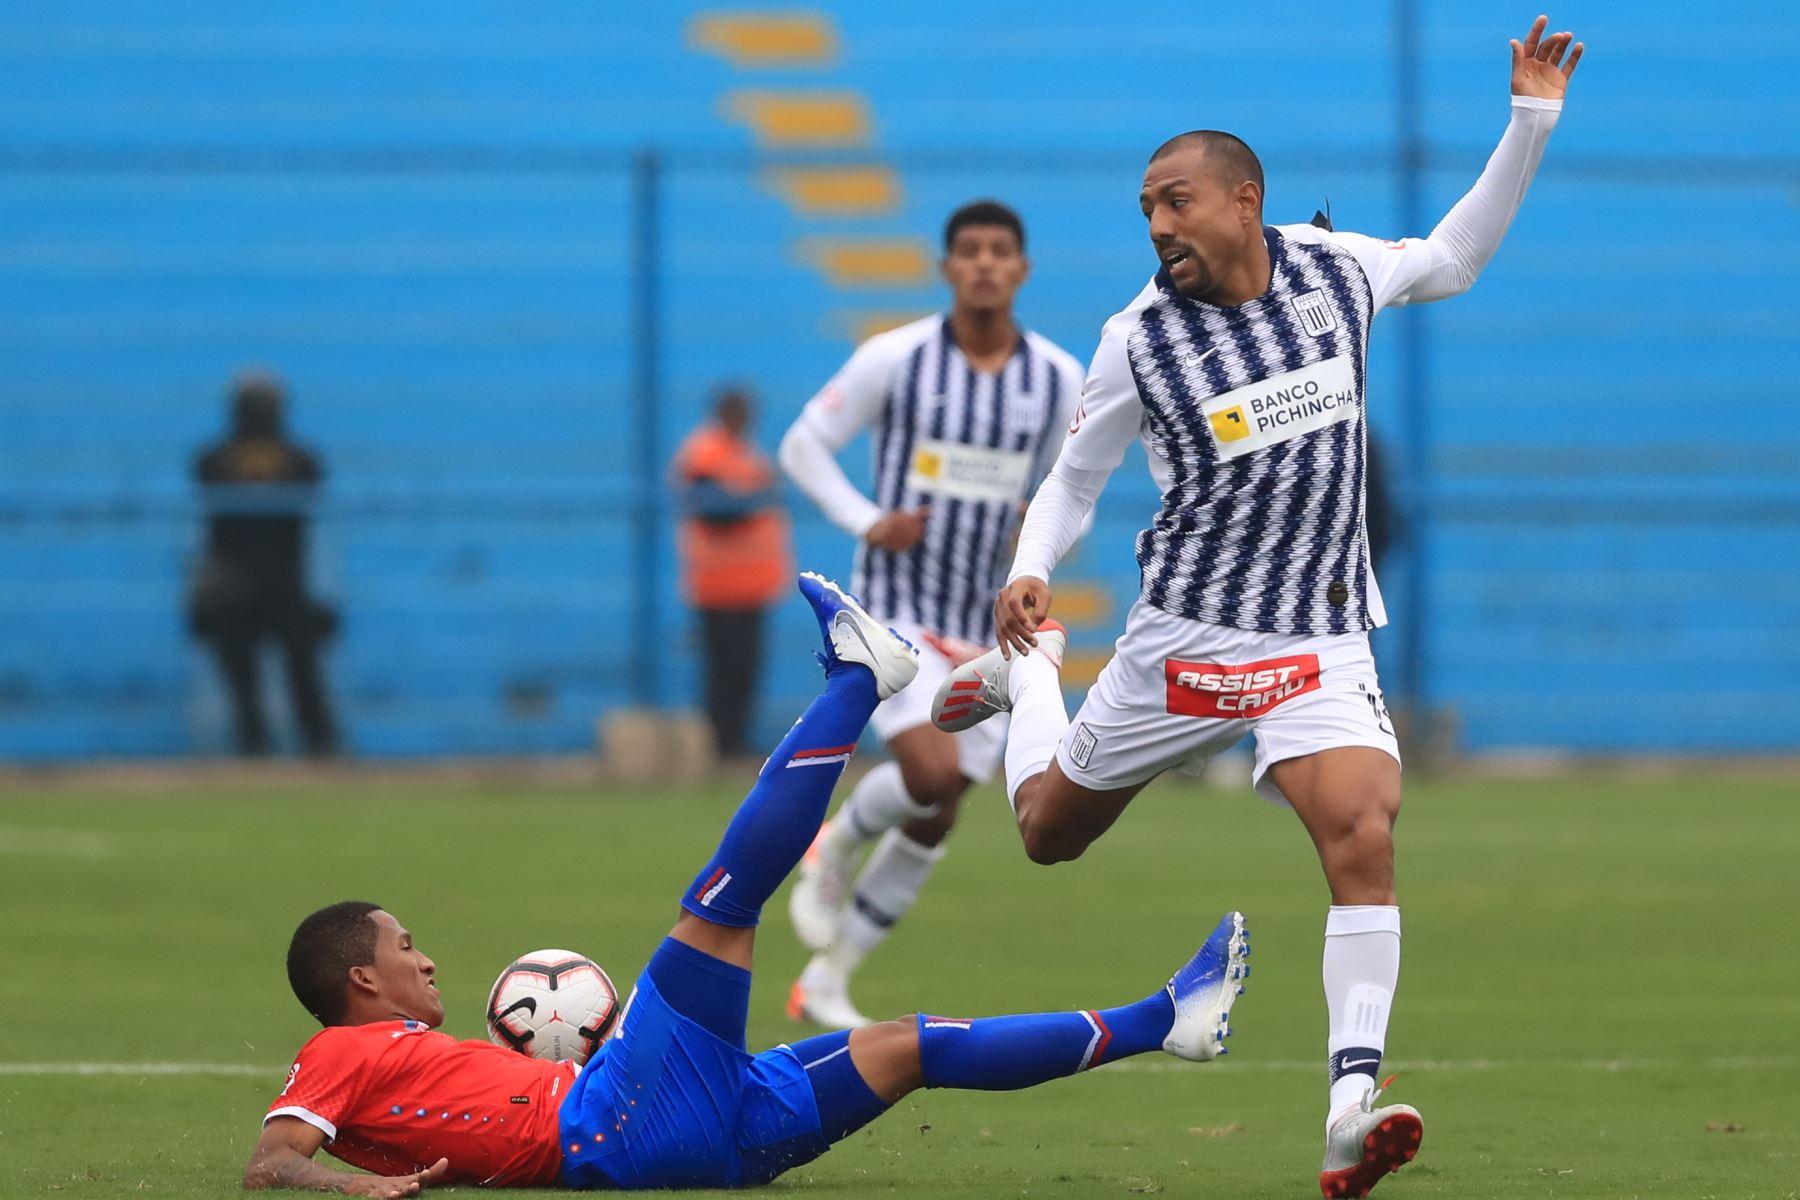 Luis Alberto Ramírez de Alianza. Alianza Lima empató 1-1 ante Unión Comercio   Foto: ANDINA/Juan Carlos Guzmán Negrini.